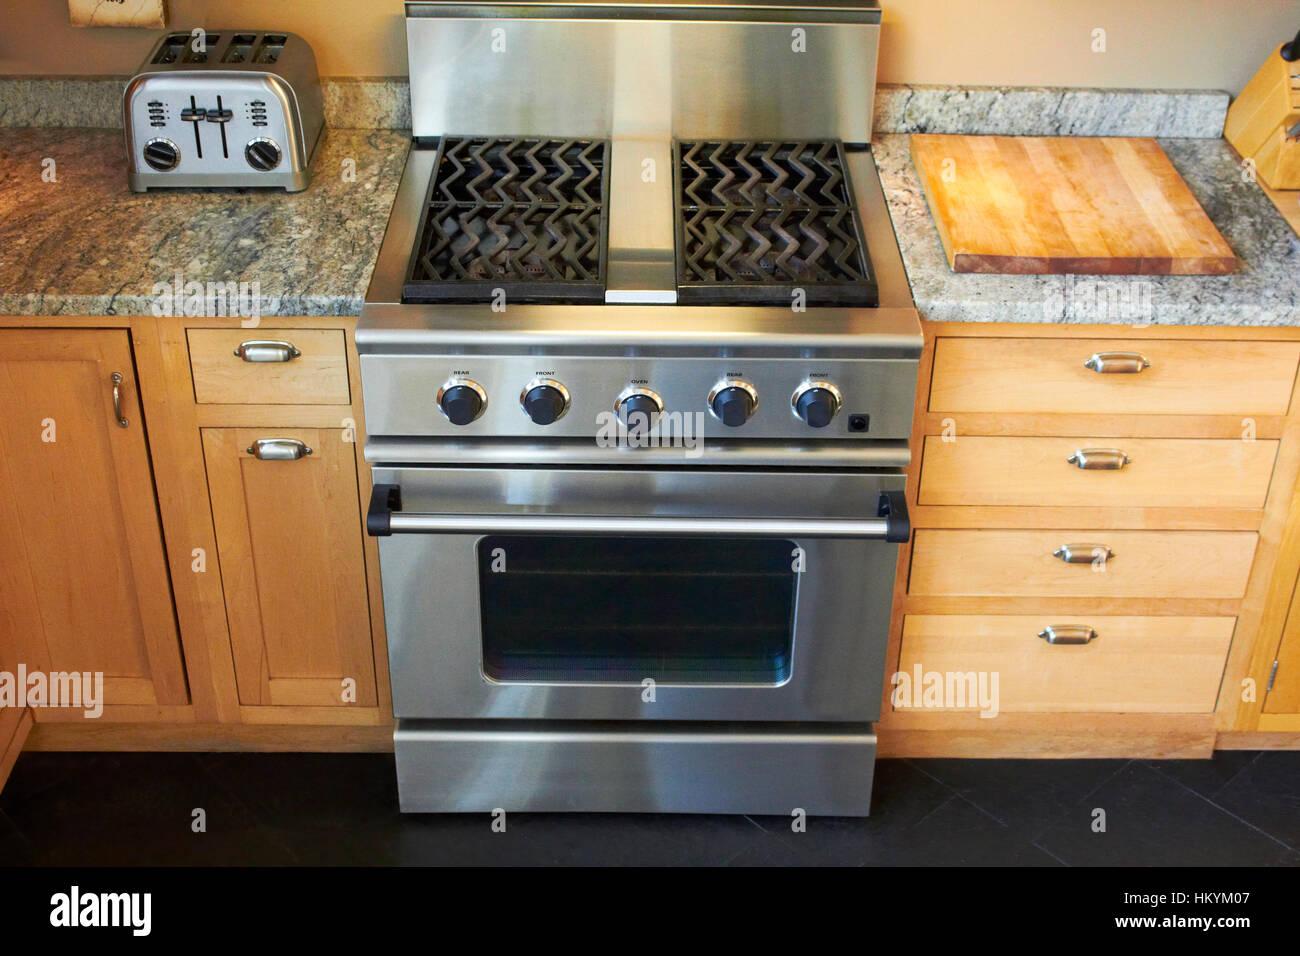 Cuisinière à gaz et four dans la cuisine Banque D'Images